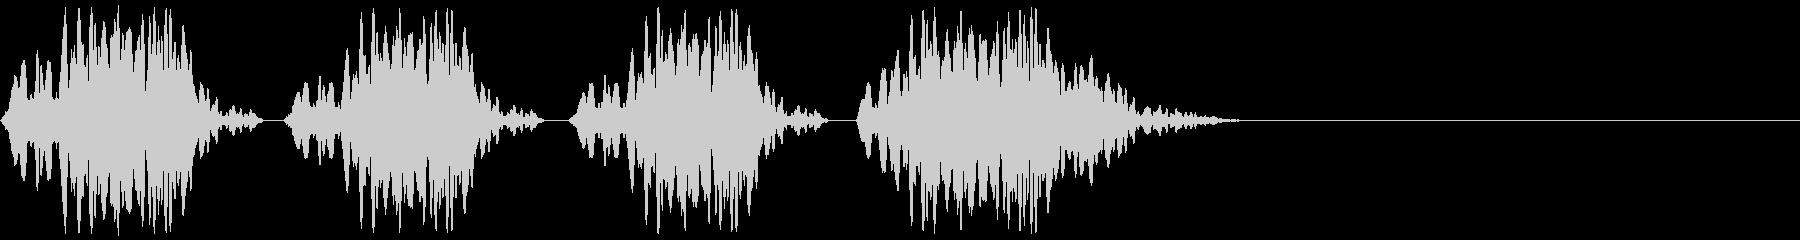 サッカーのホイッスル、警笛(ファウル2)の未再生の波形